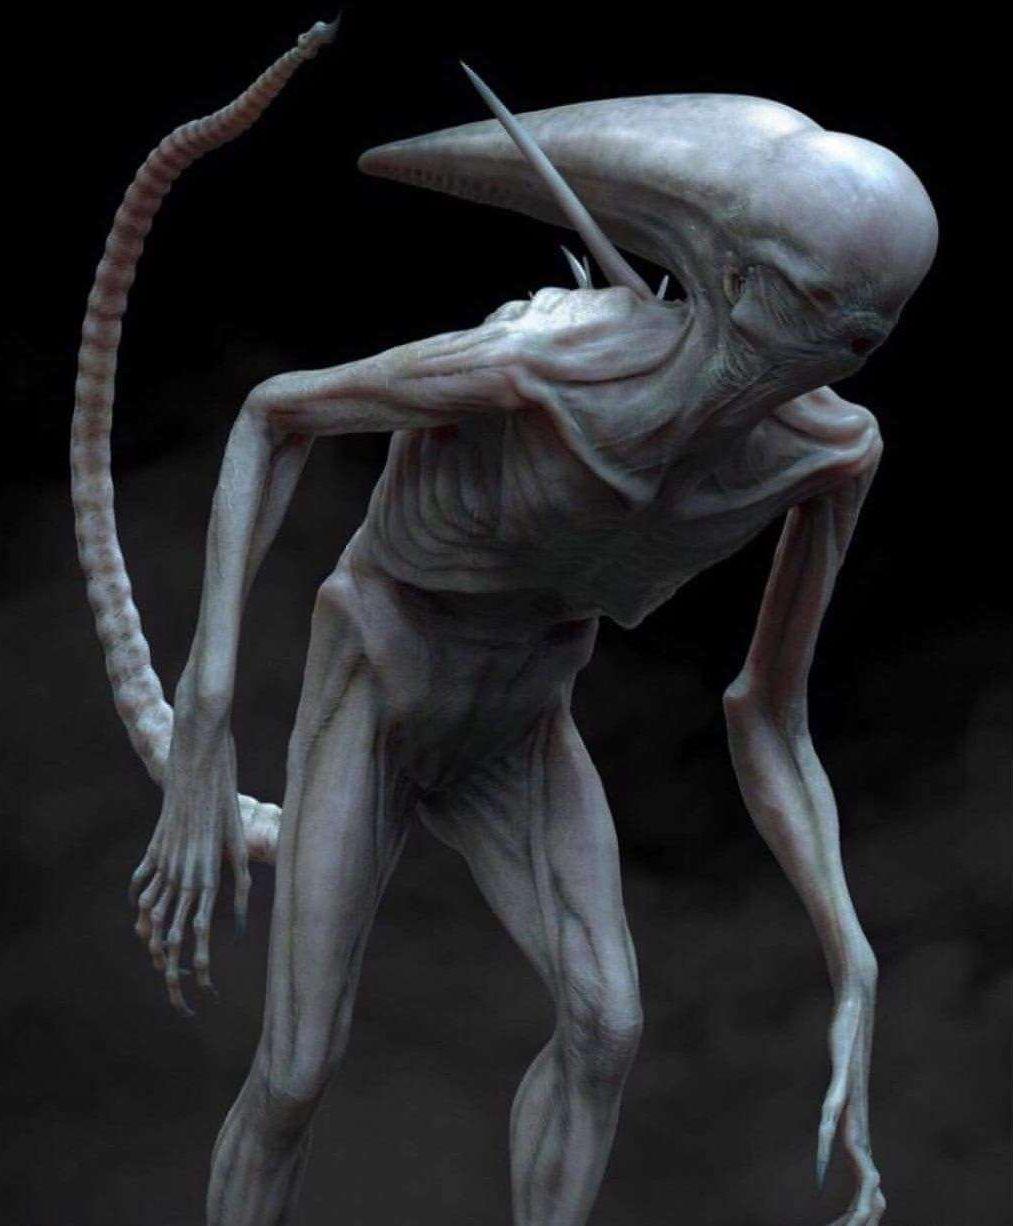 Neomorph (Alien Covenant, 2017)